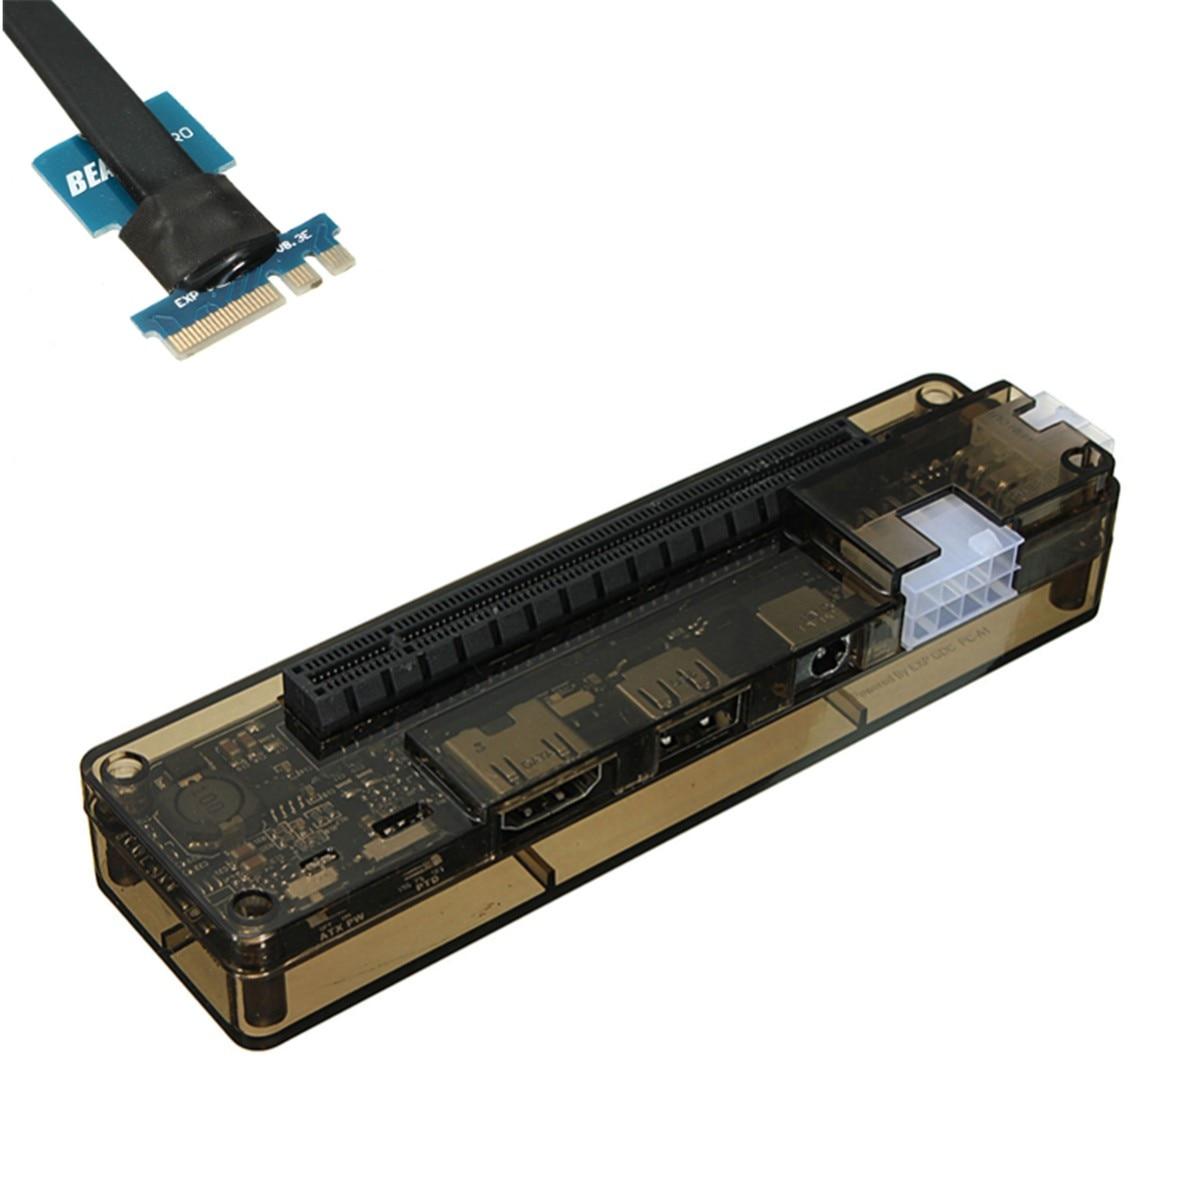 V8.0 EXP GDC bête ordinateur portable externe carte vidéo indépendante Dock NGFF ordinateur portable PCI-E dispositif d'extension